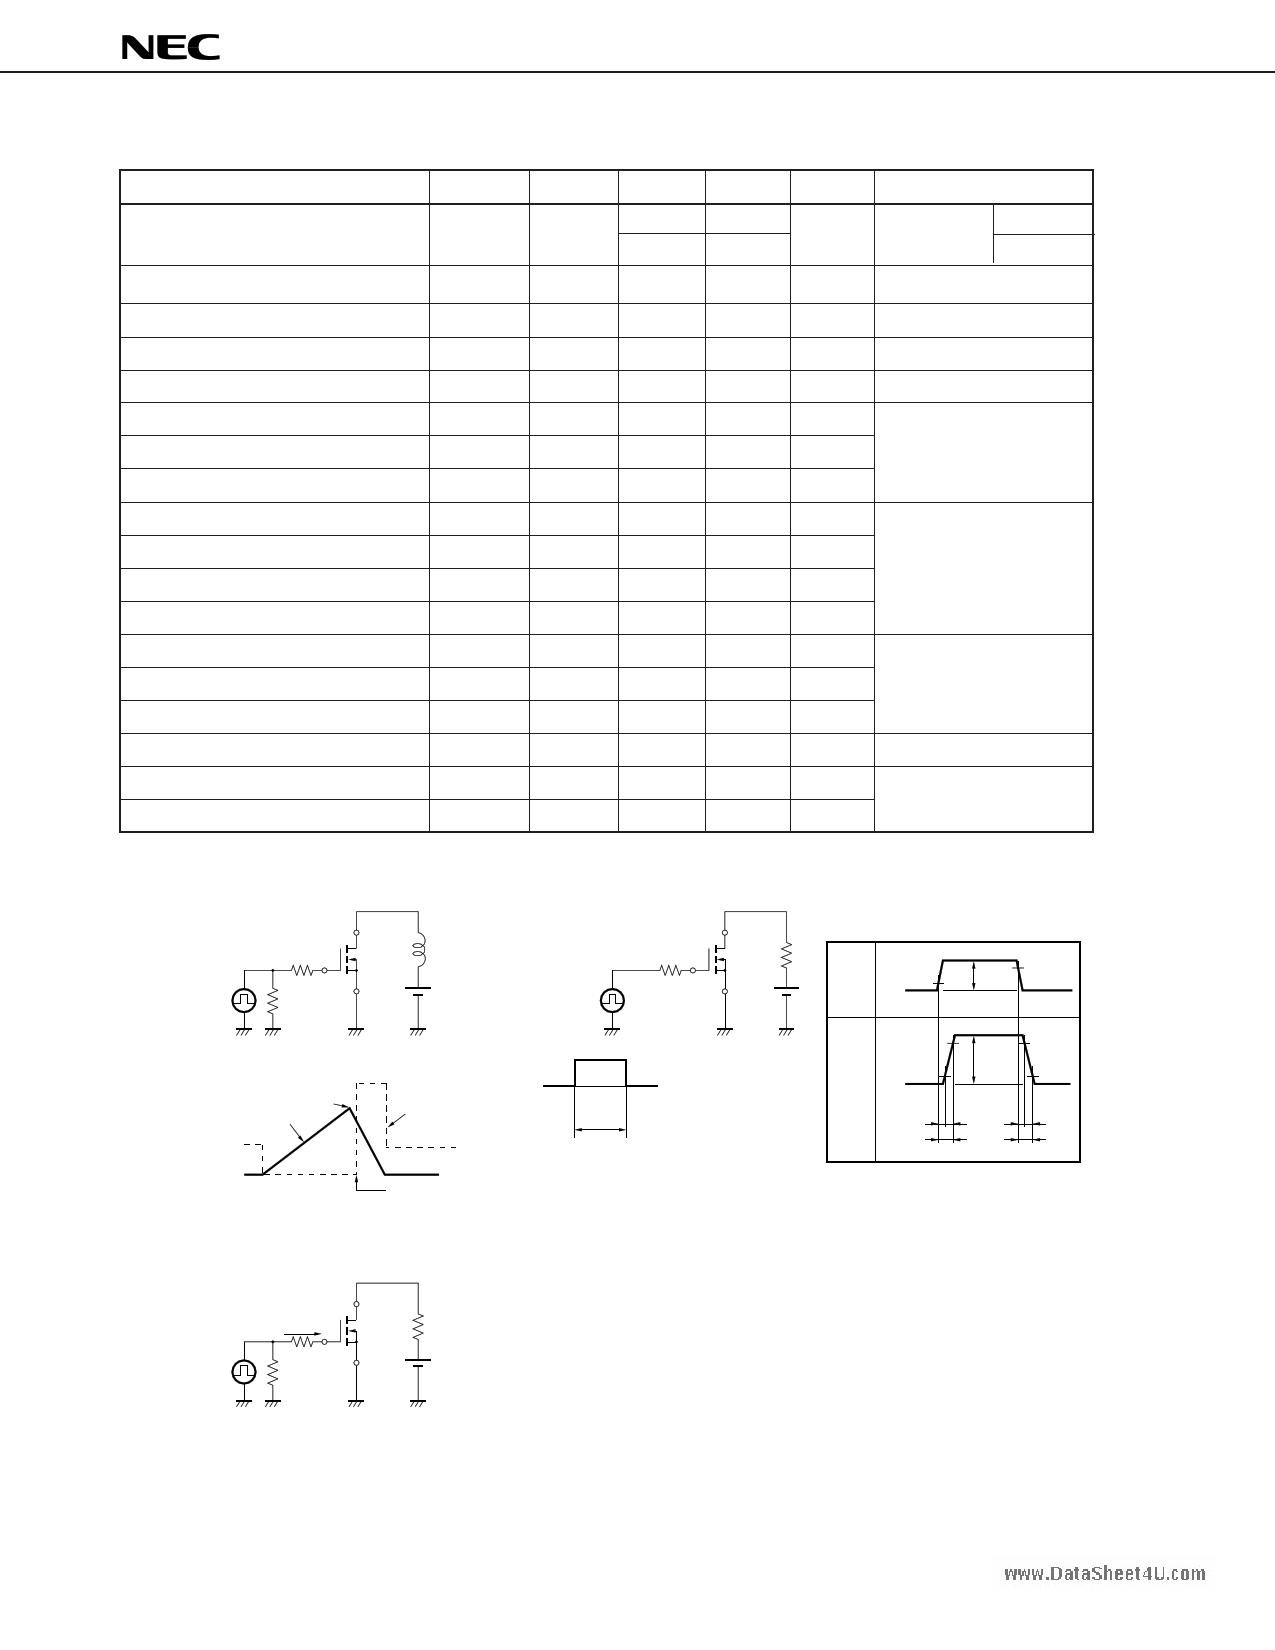 K2372 data sheet